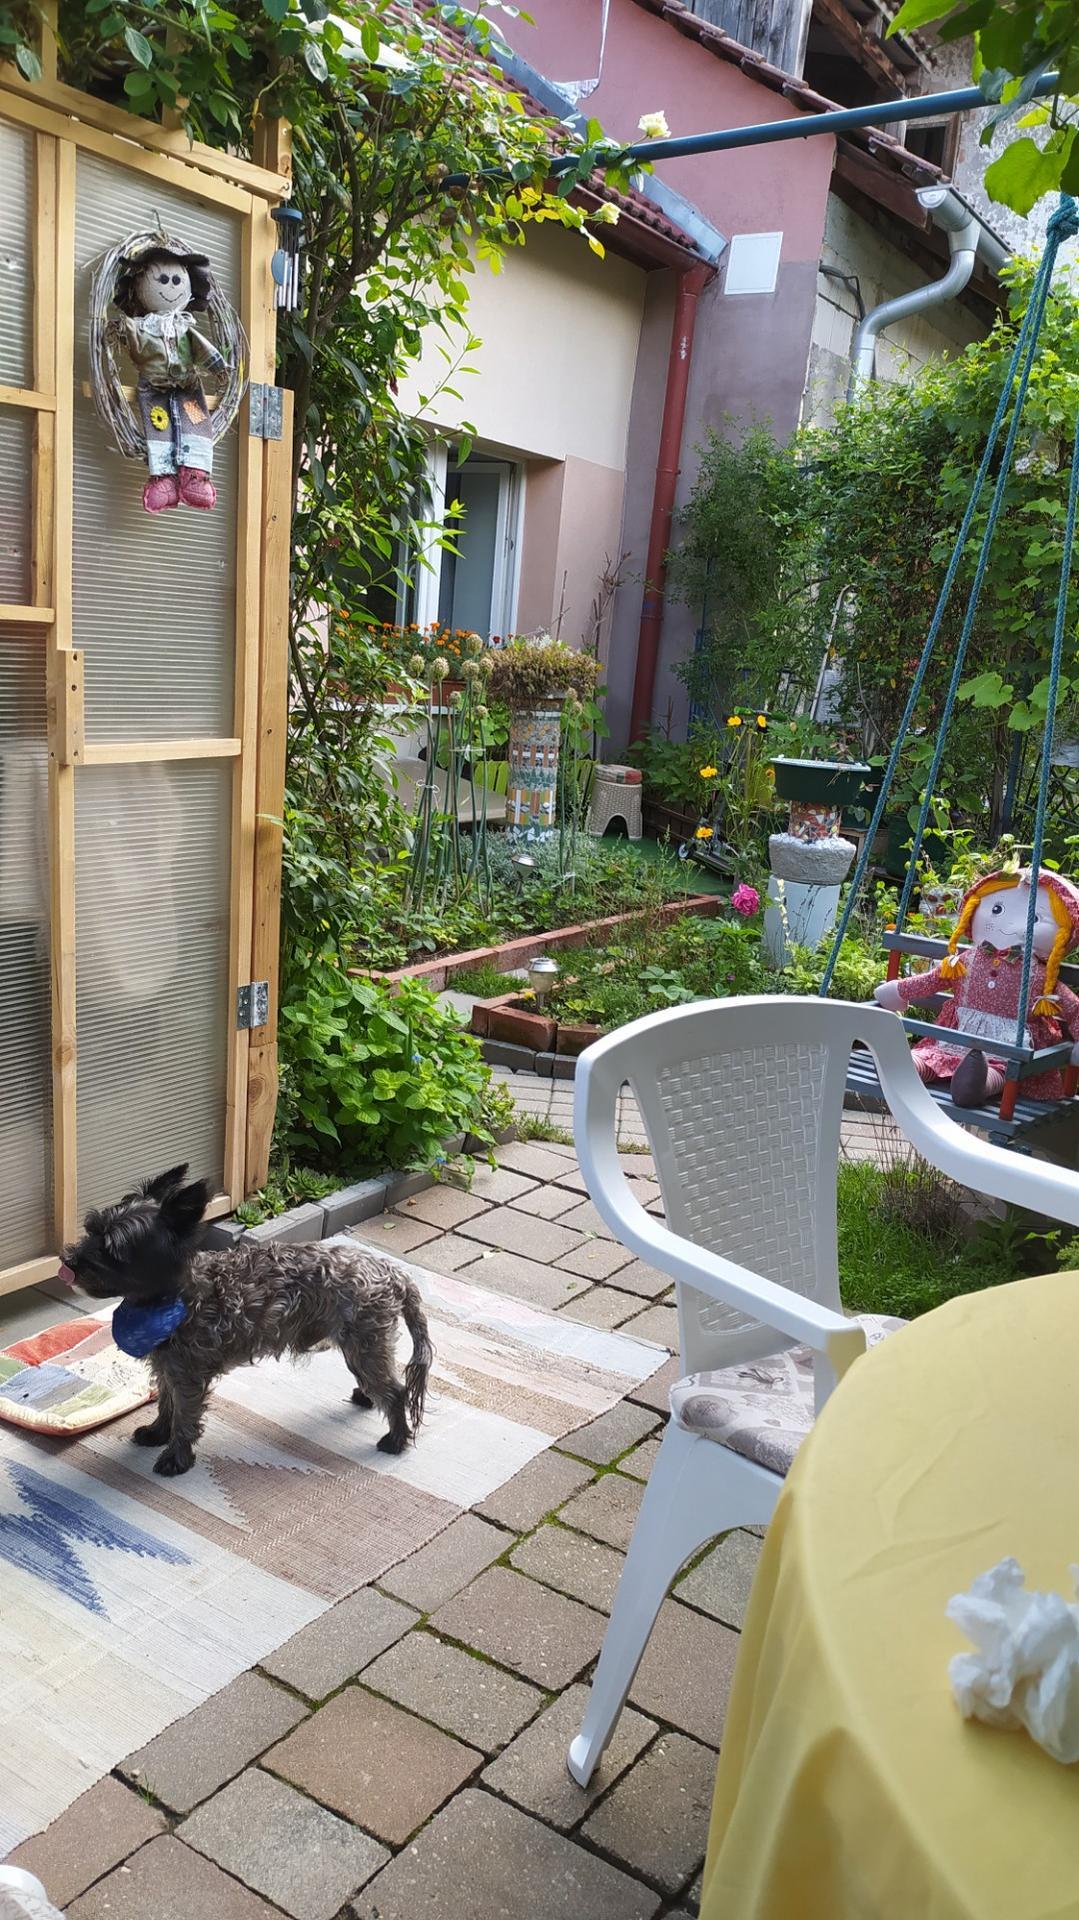 Moja záhradka,moja radosť,relax. - Obrázok č. 5